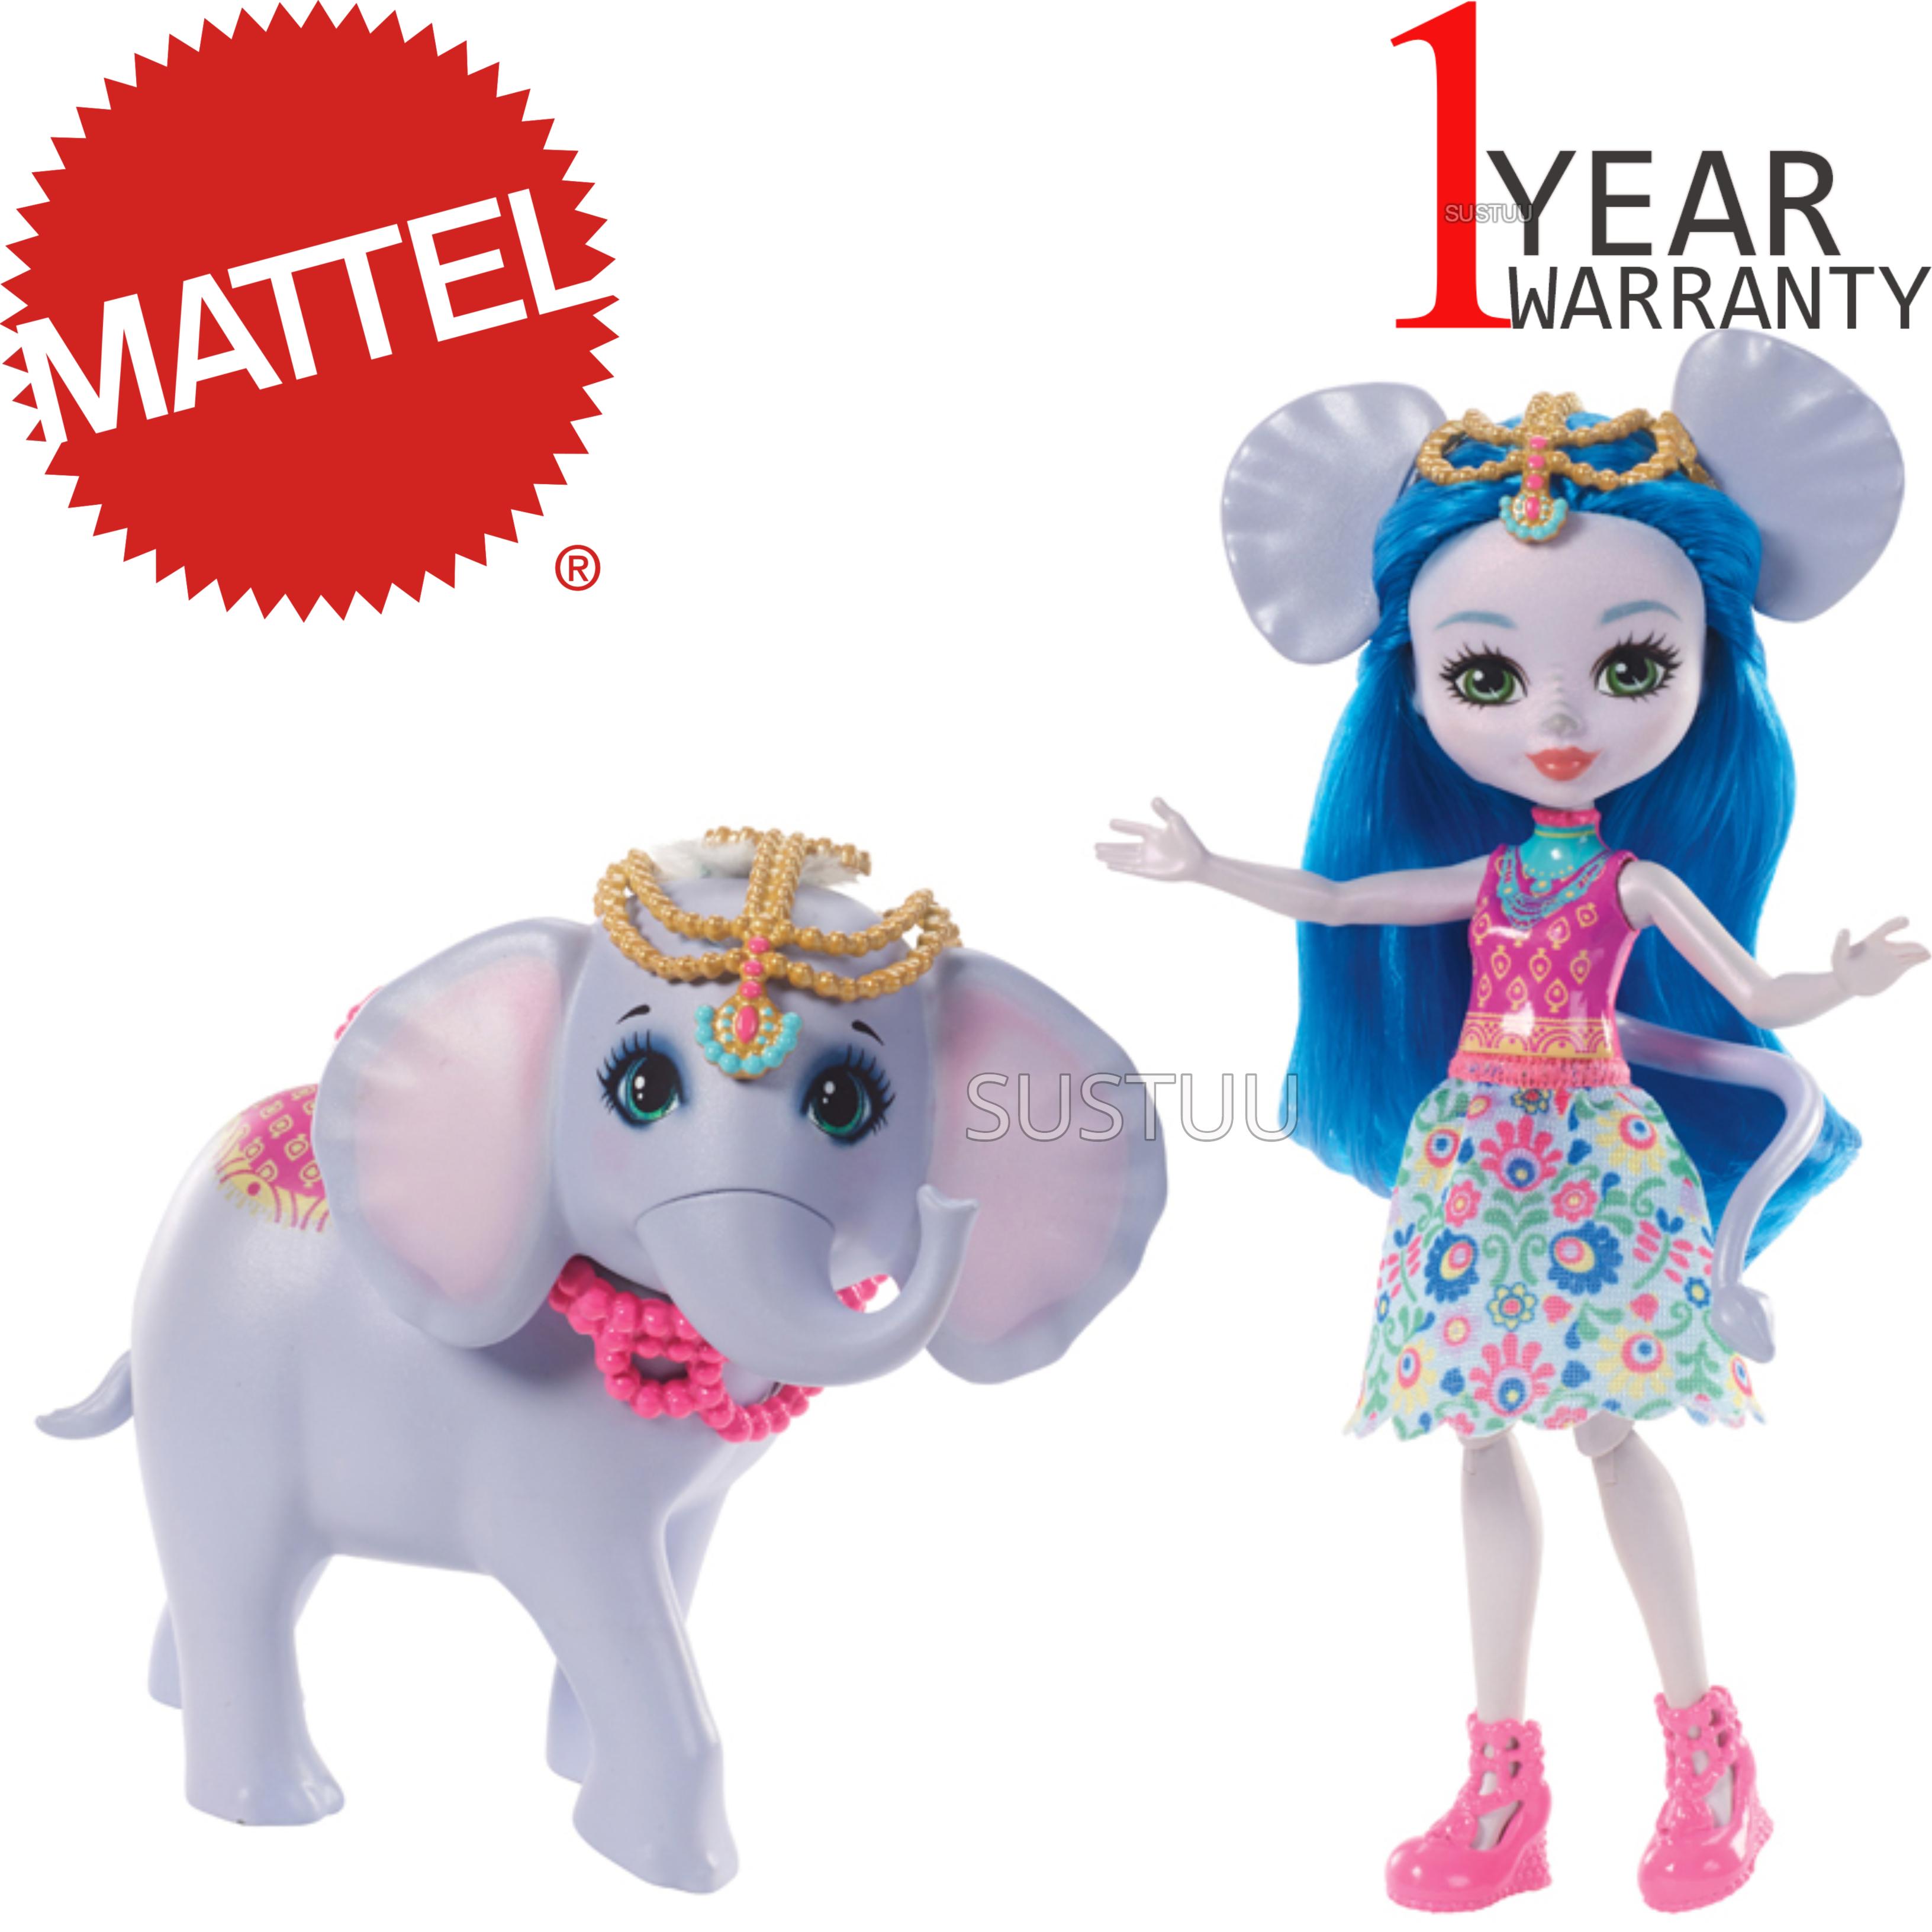 Enchantimals Large Elephant & Ekaterina Doll | Kid's Antique Storytelling Play Set | +3 years